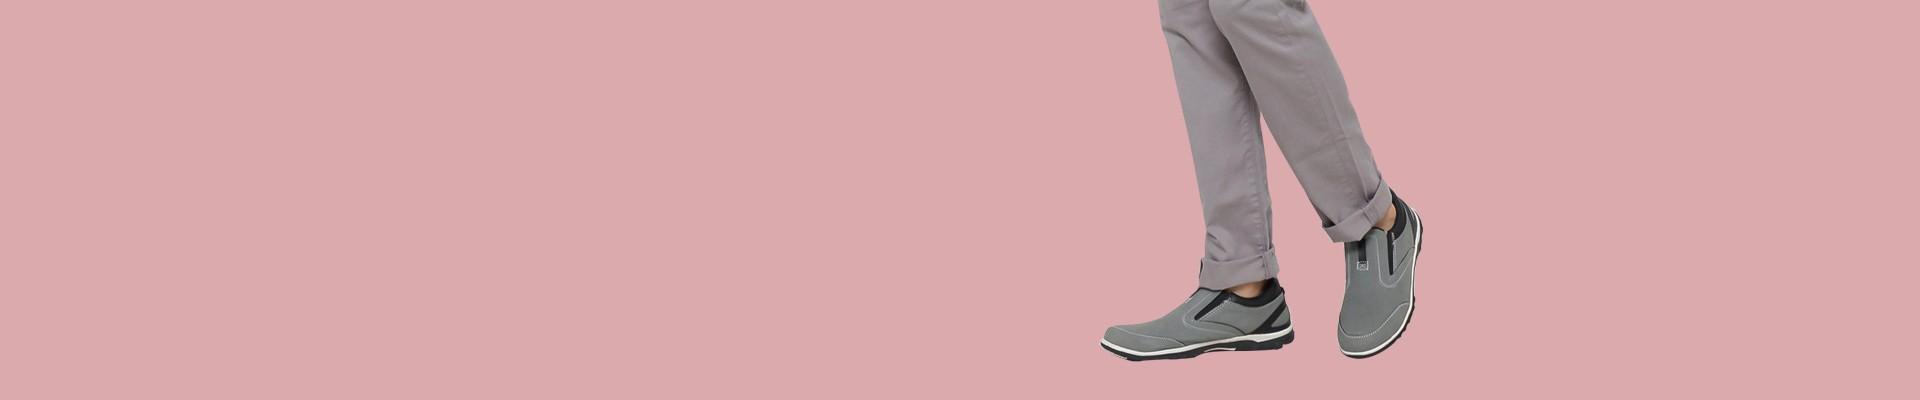 Jual Sepatu Slip On Pria Model Terbaru  30866d0782